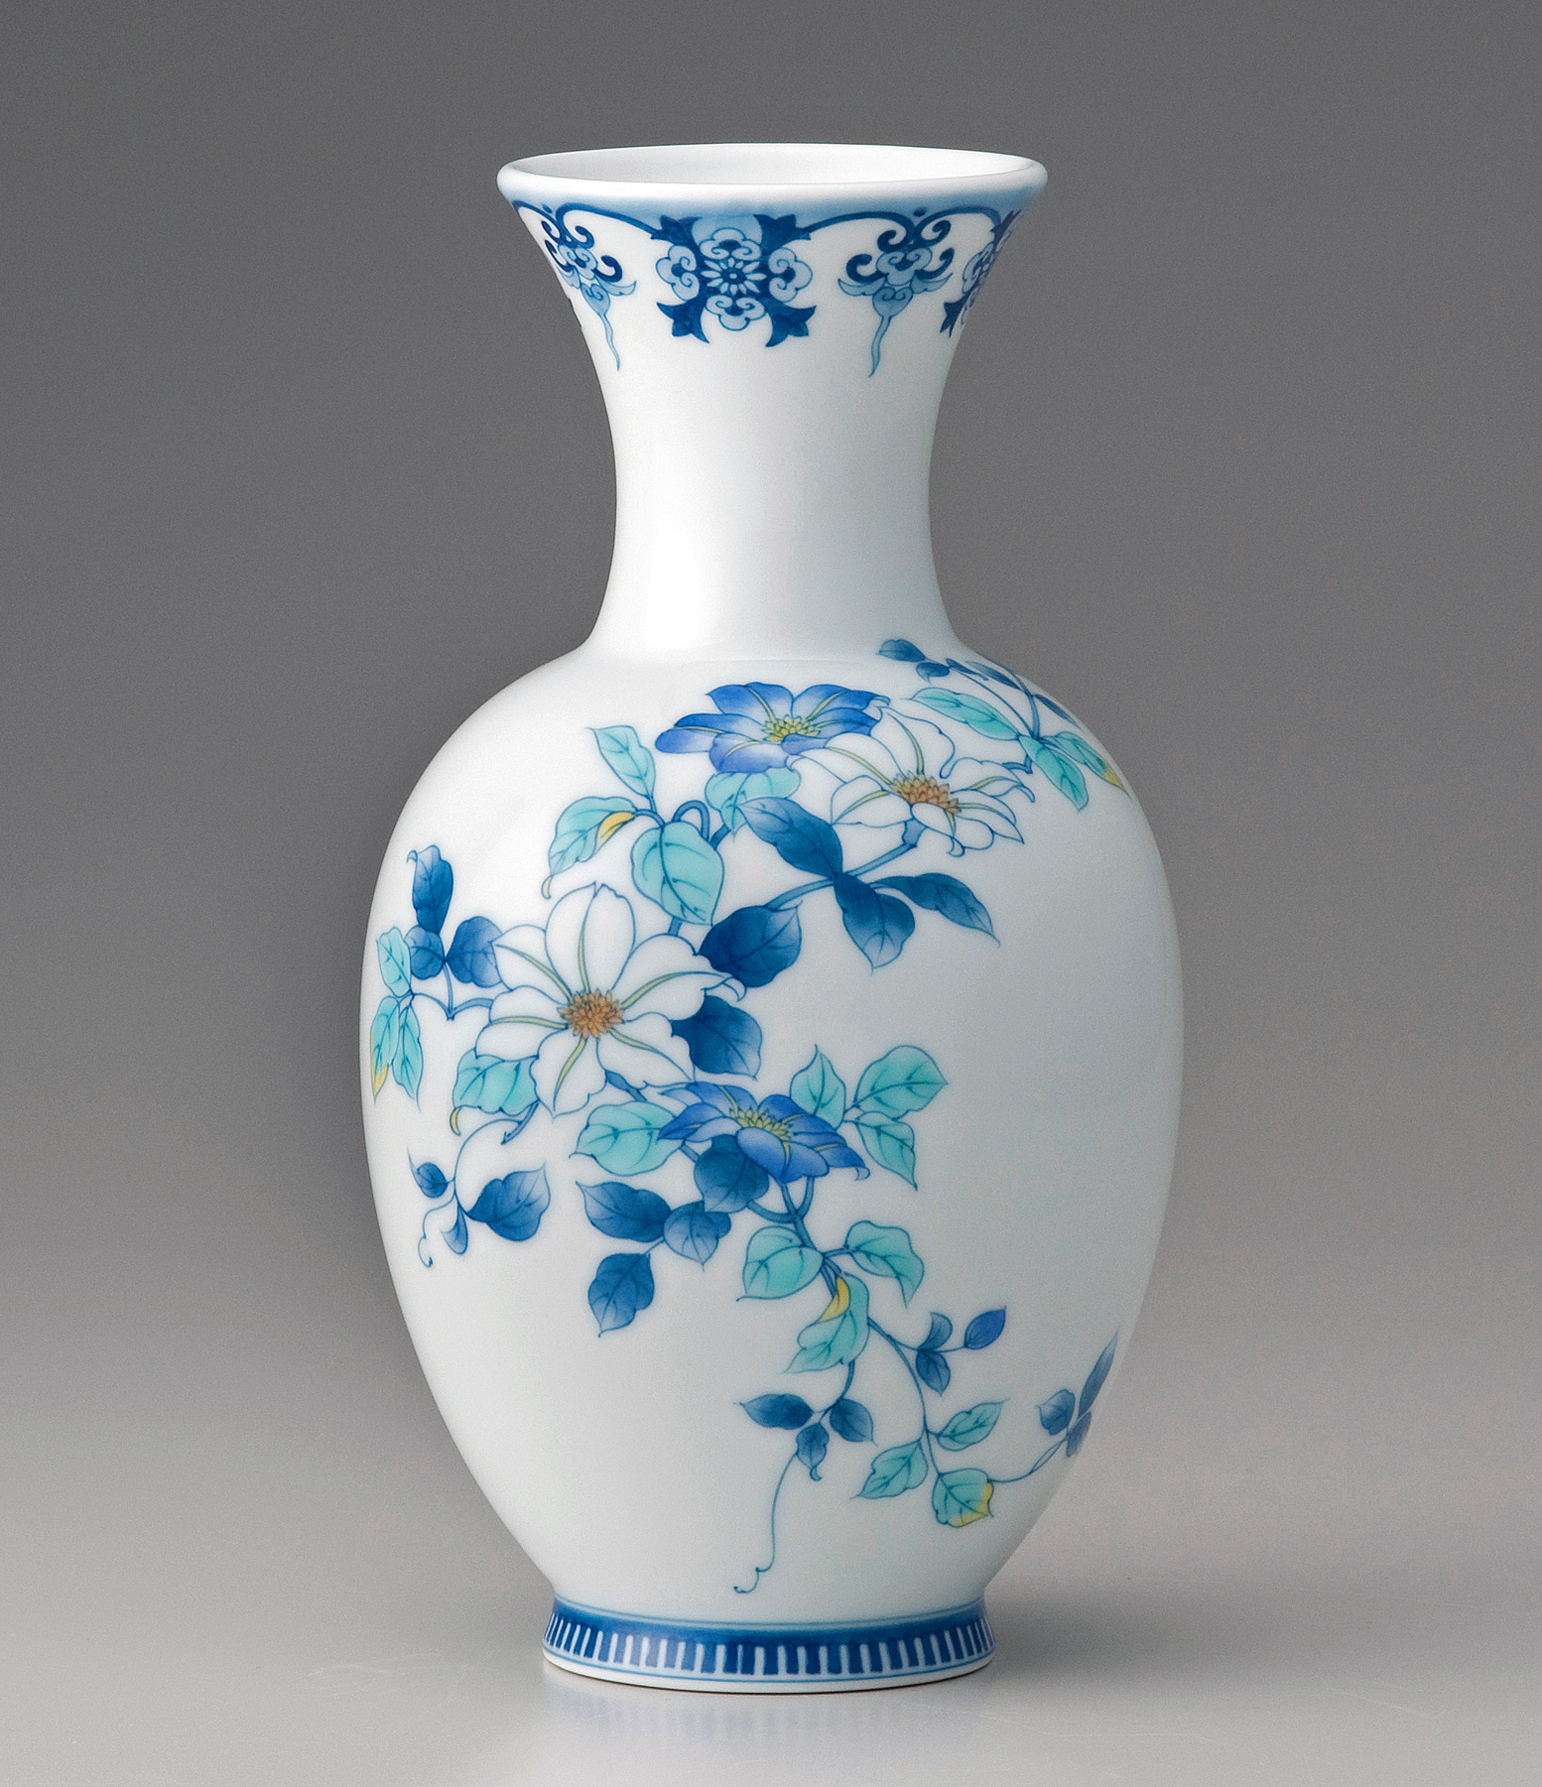 糸巻花瓶−色絵鉄線(青花)